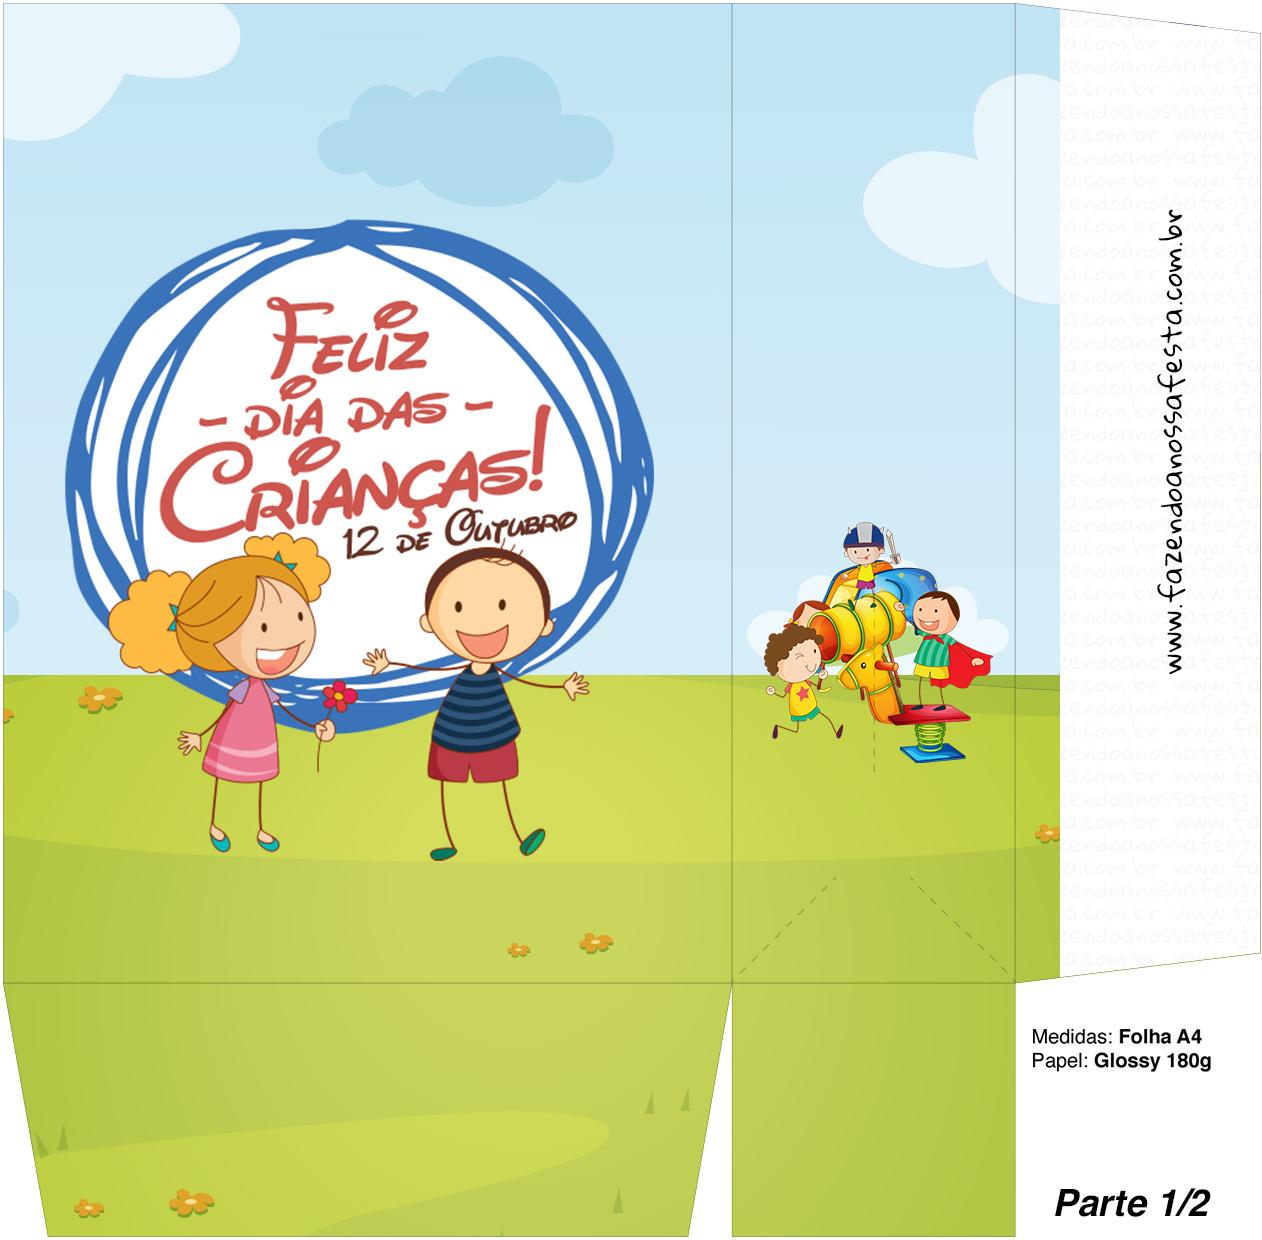 Sacolinha Surpresa Dia das Crianças Lembrancinha - Parte 1